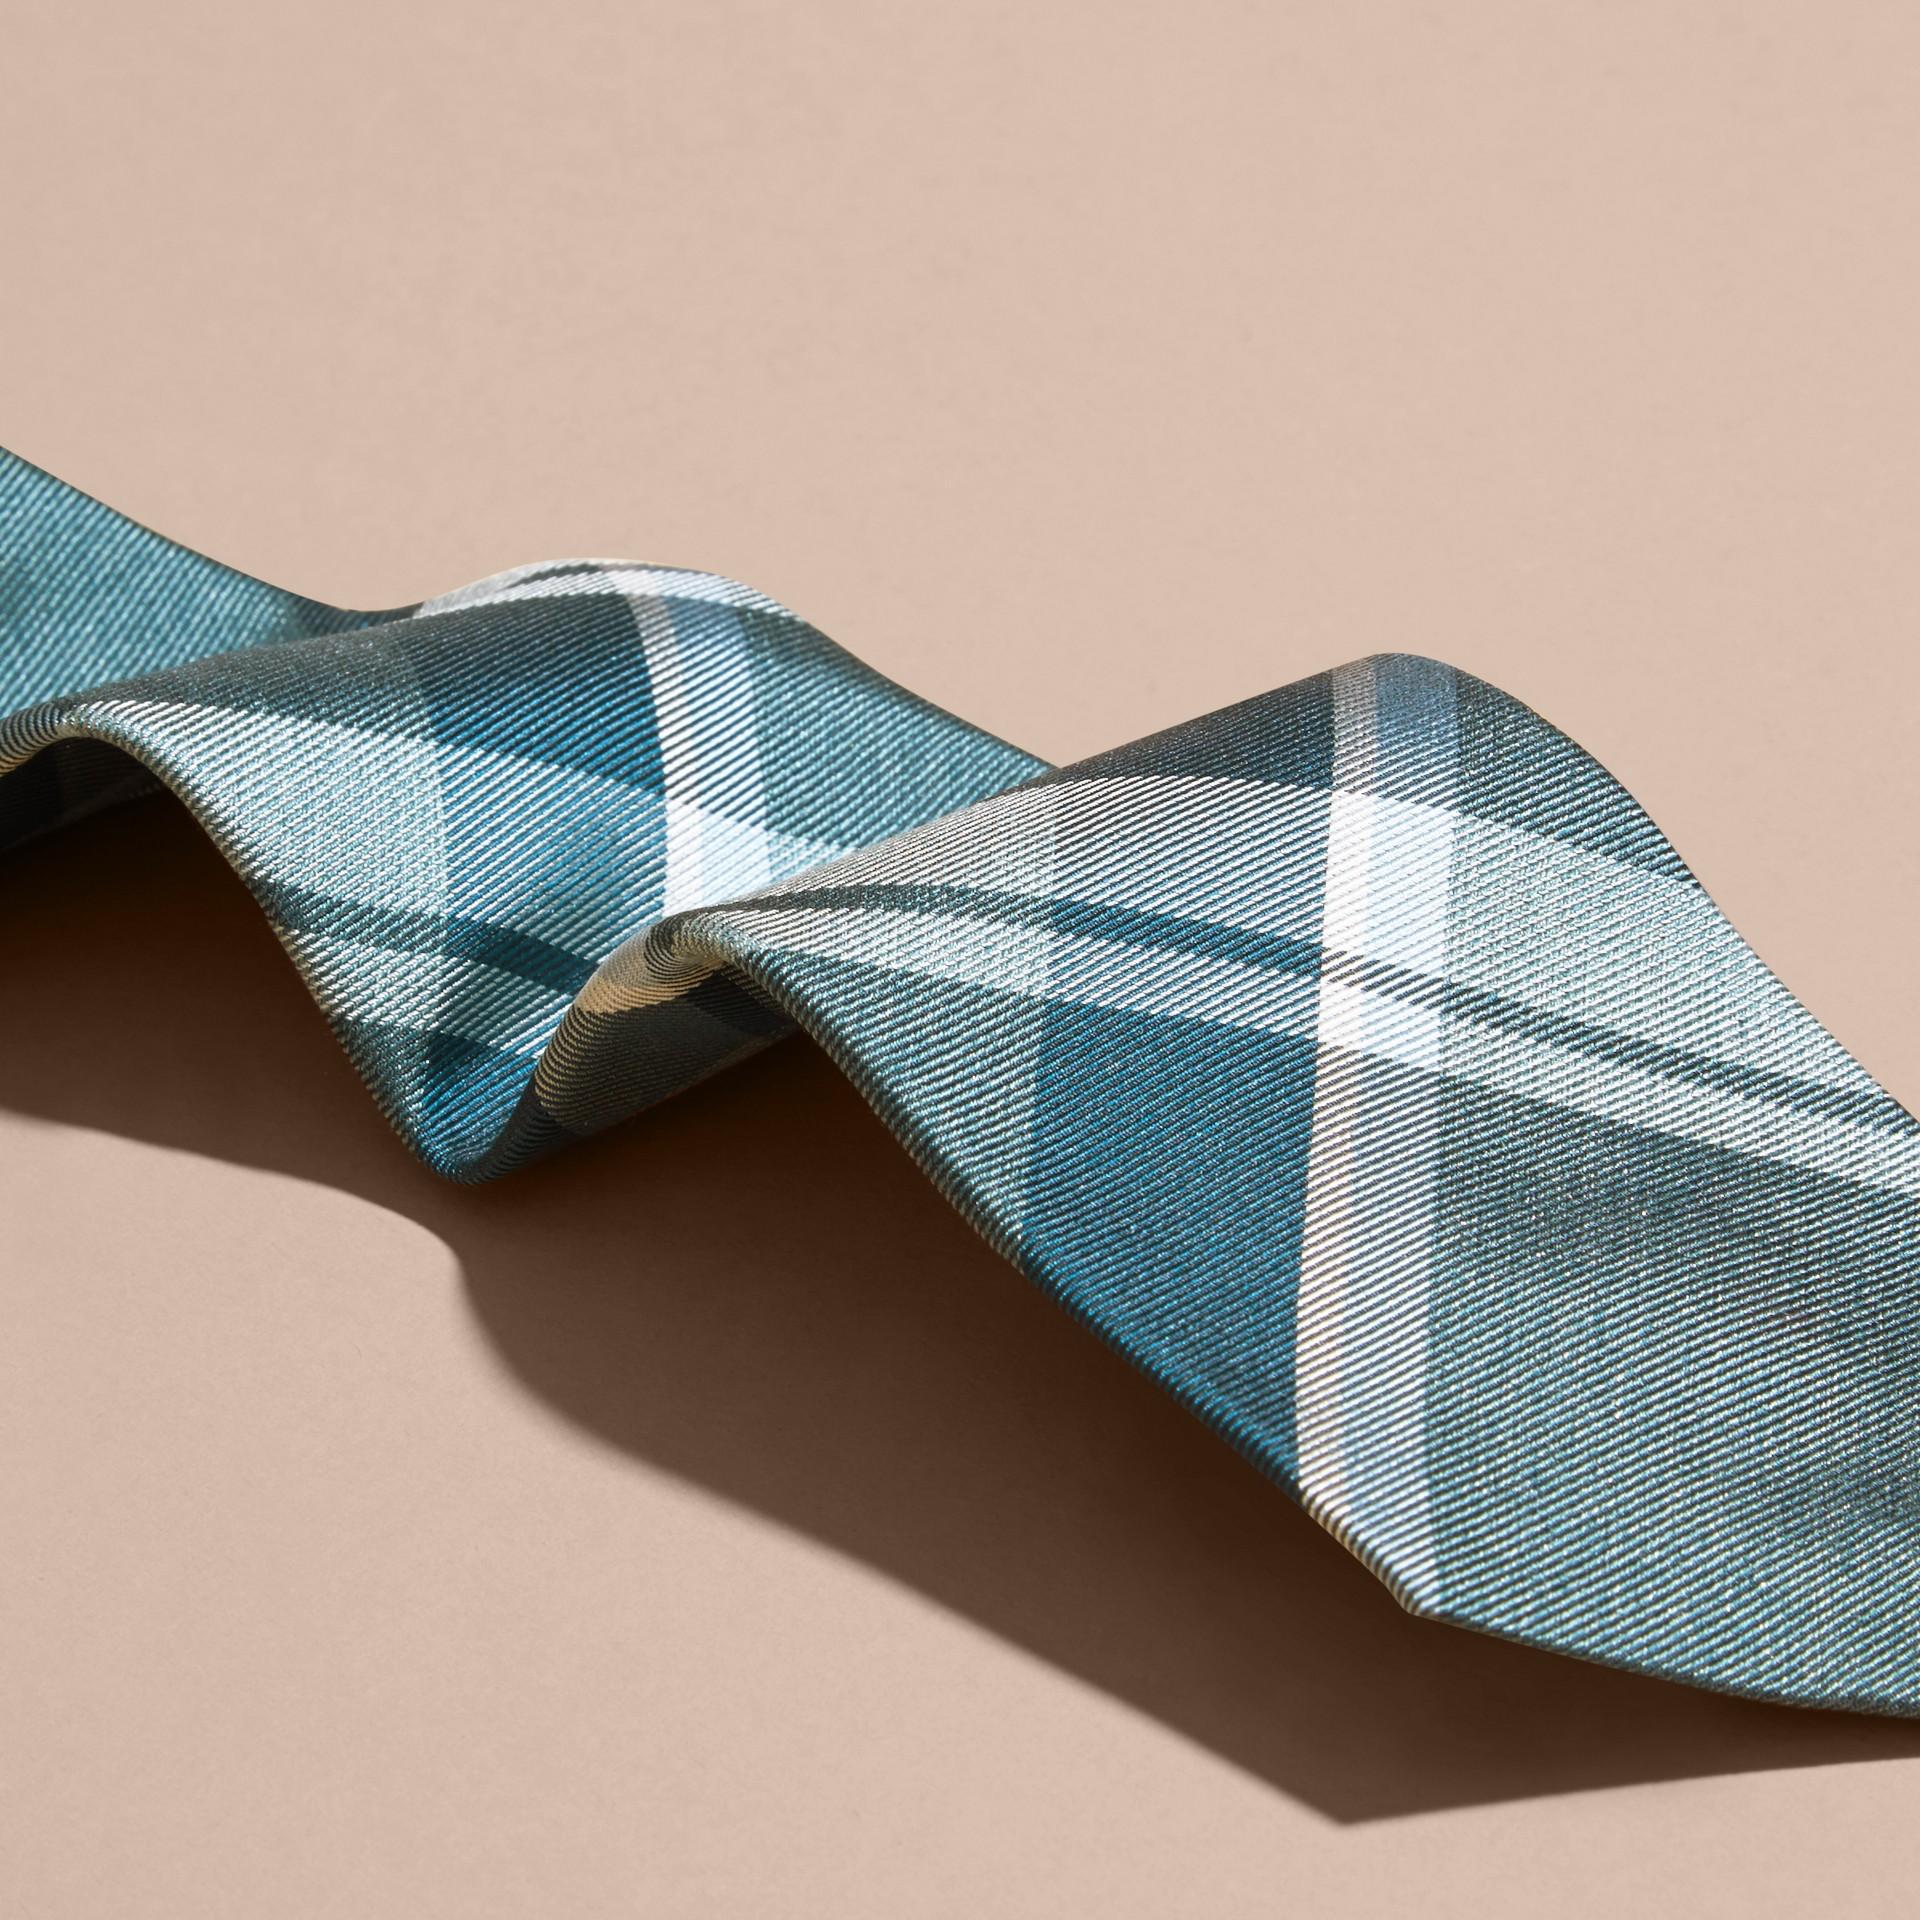 Pale celadon Modern Cut Check Jacquard Silk Tie Pale Celadon - gallery image 2